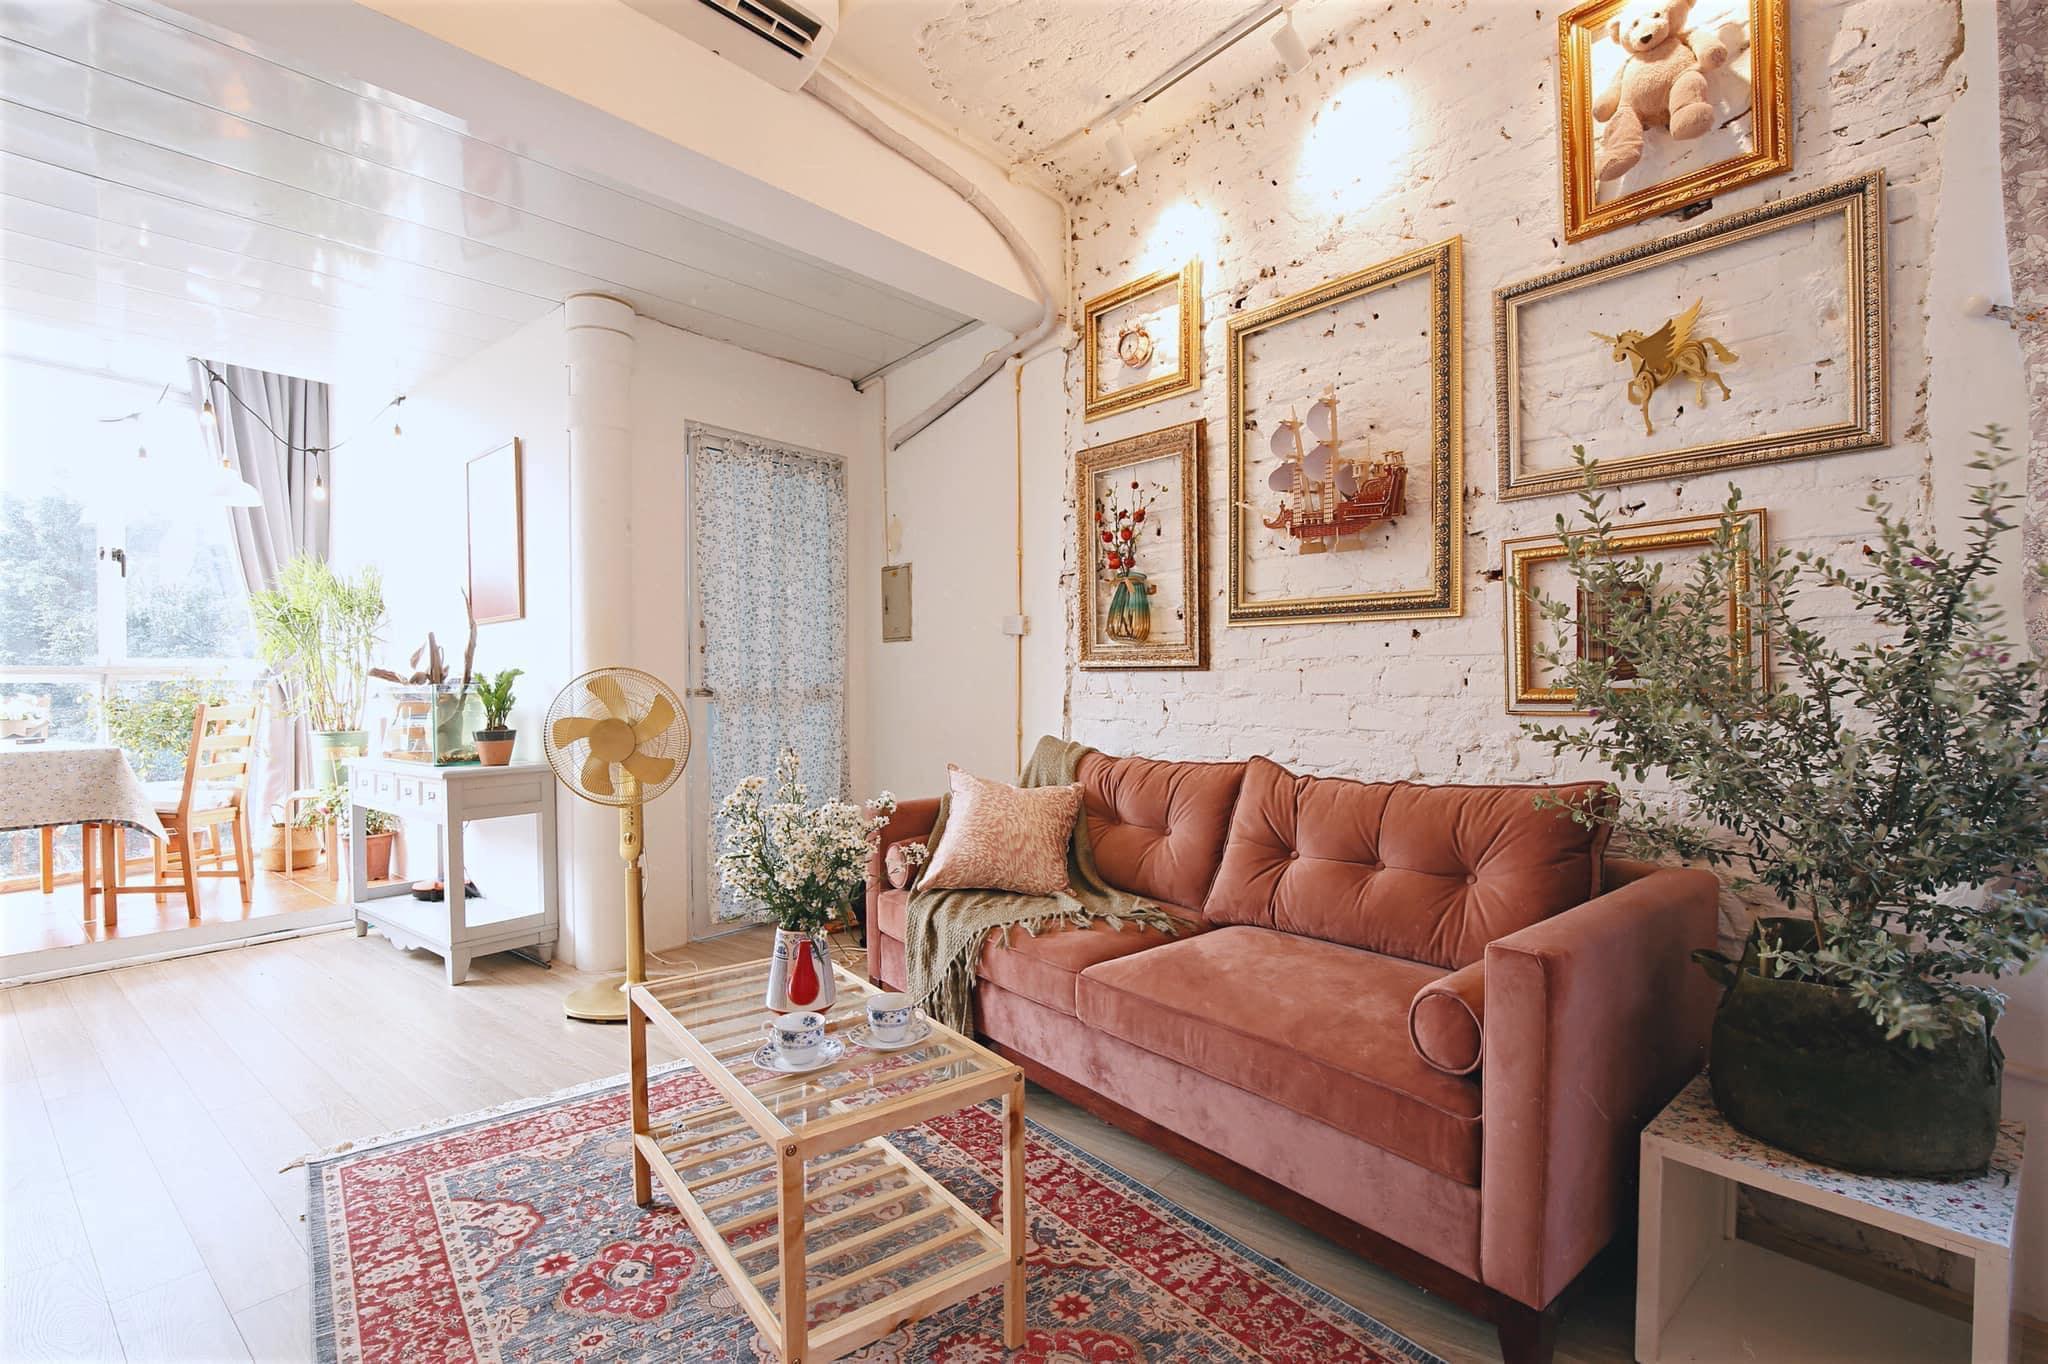 Sofa chung cư tân cổ điển giá rẻ đẹp tại xưởng Hùng Iota